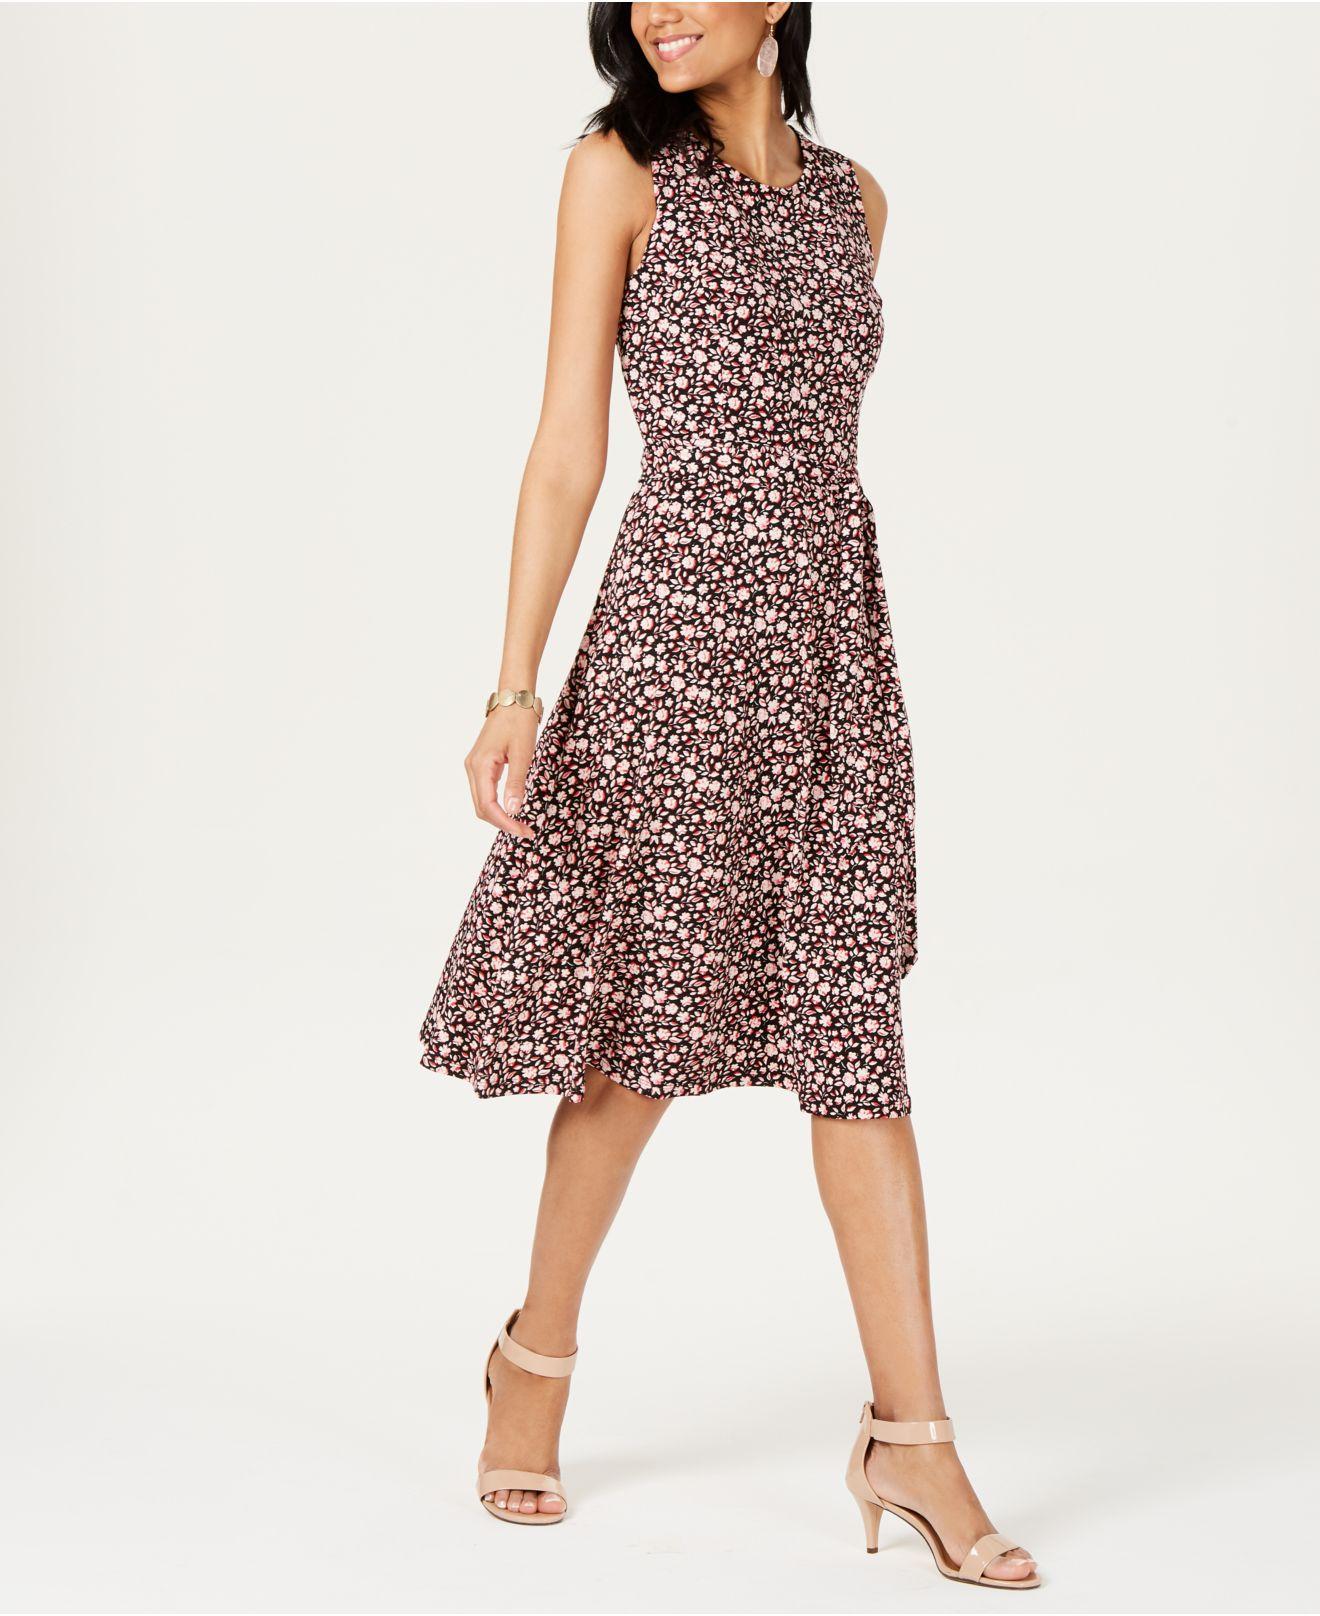 3f44f12fed Lyst - Charter Club Printed Midi Dress